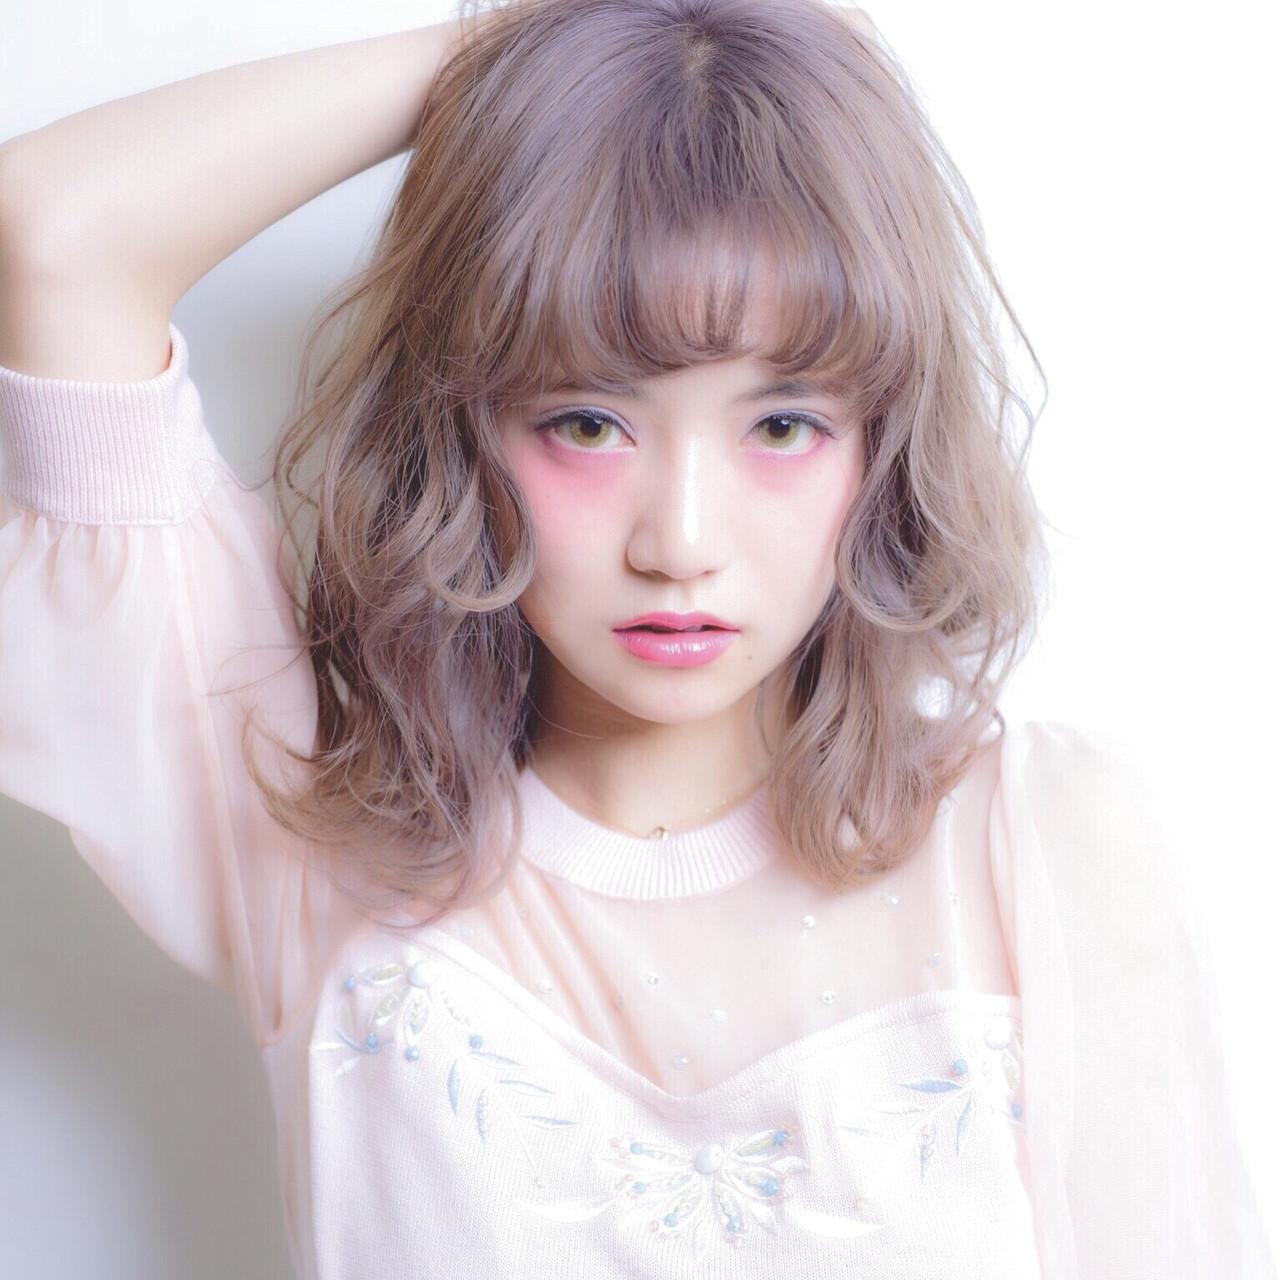 野暮ったく見えない!イマドキの姫カットで小顔&モテをget♡|【hair】